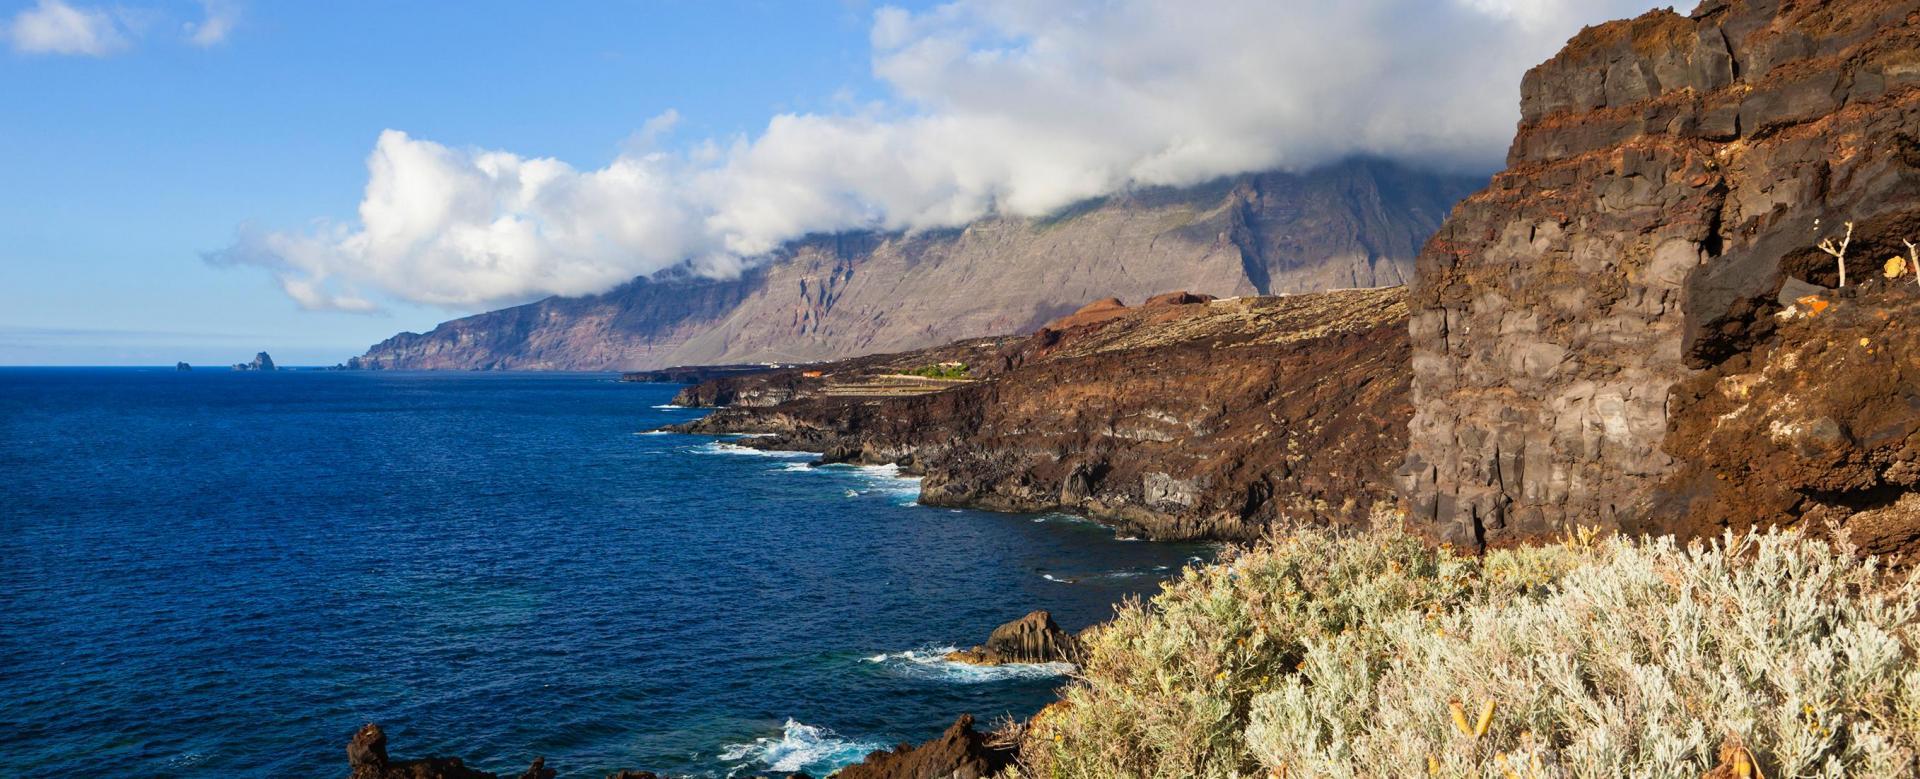 Voyage à pied Espagne : El hierro, île préservée